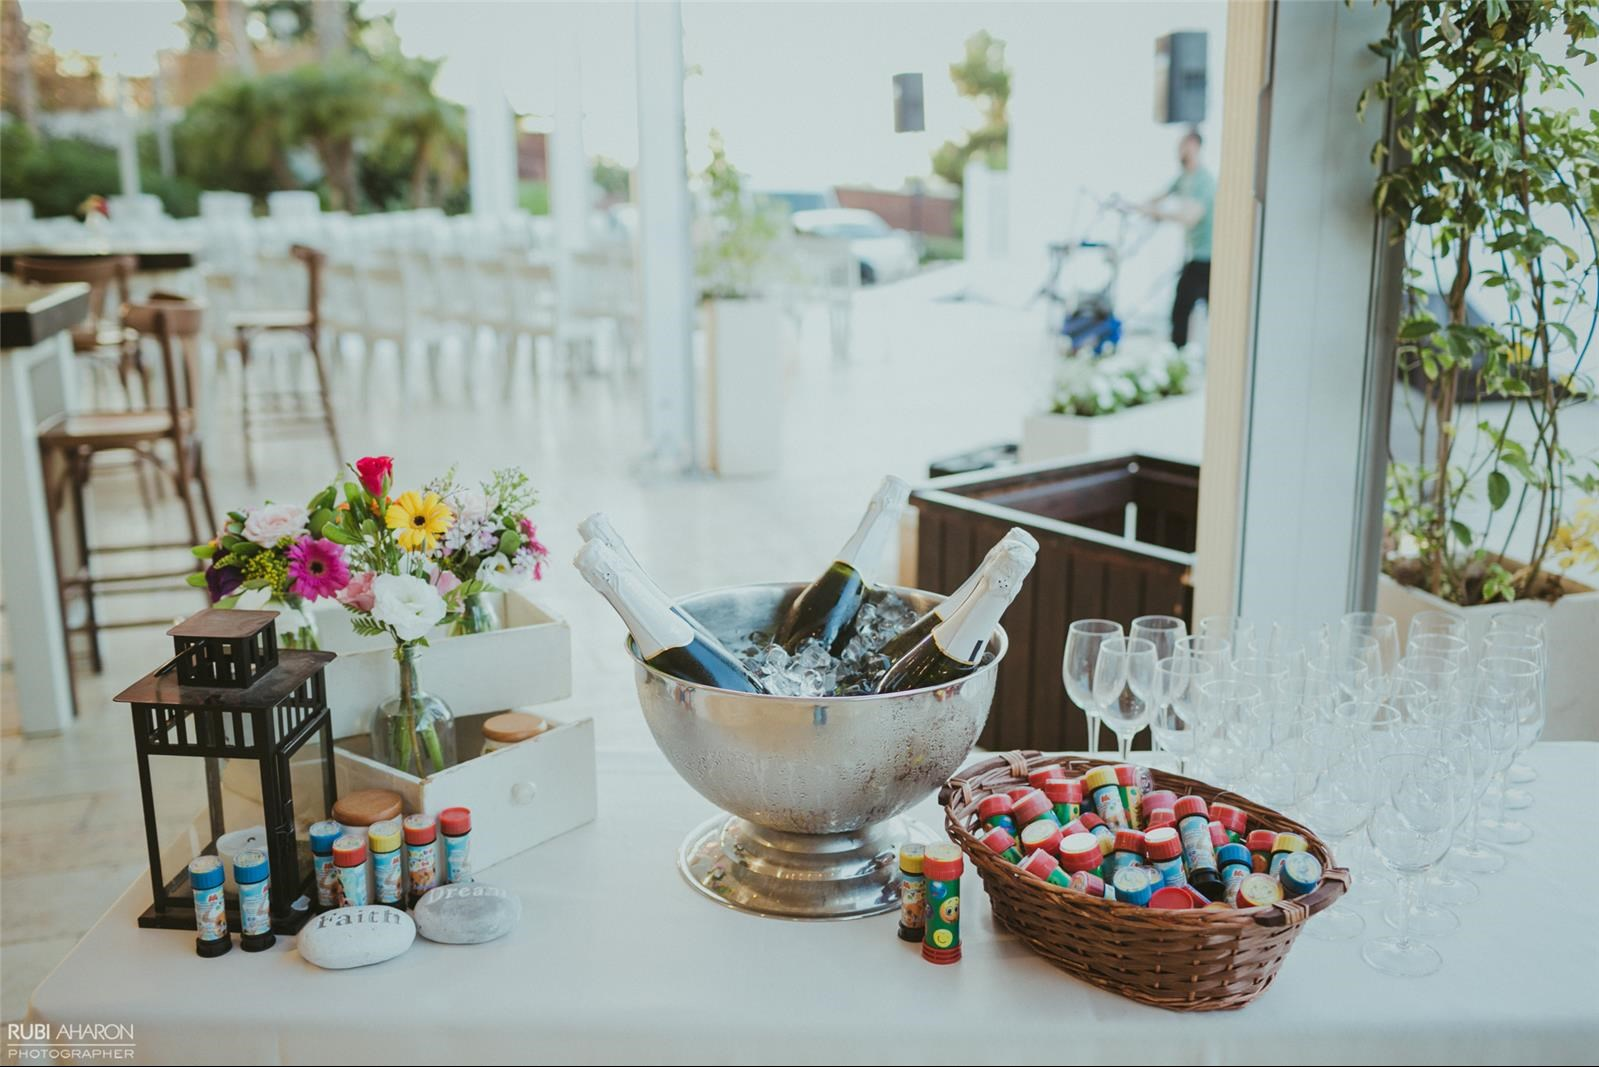 שורש העניין: 5 טיפים לחתונה בלתי נשכחת, מקום לחגוג, 5